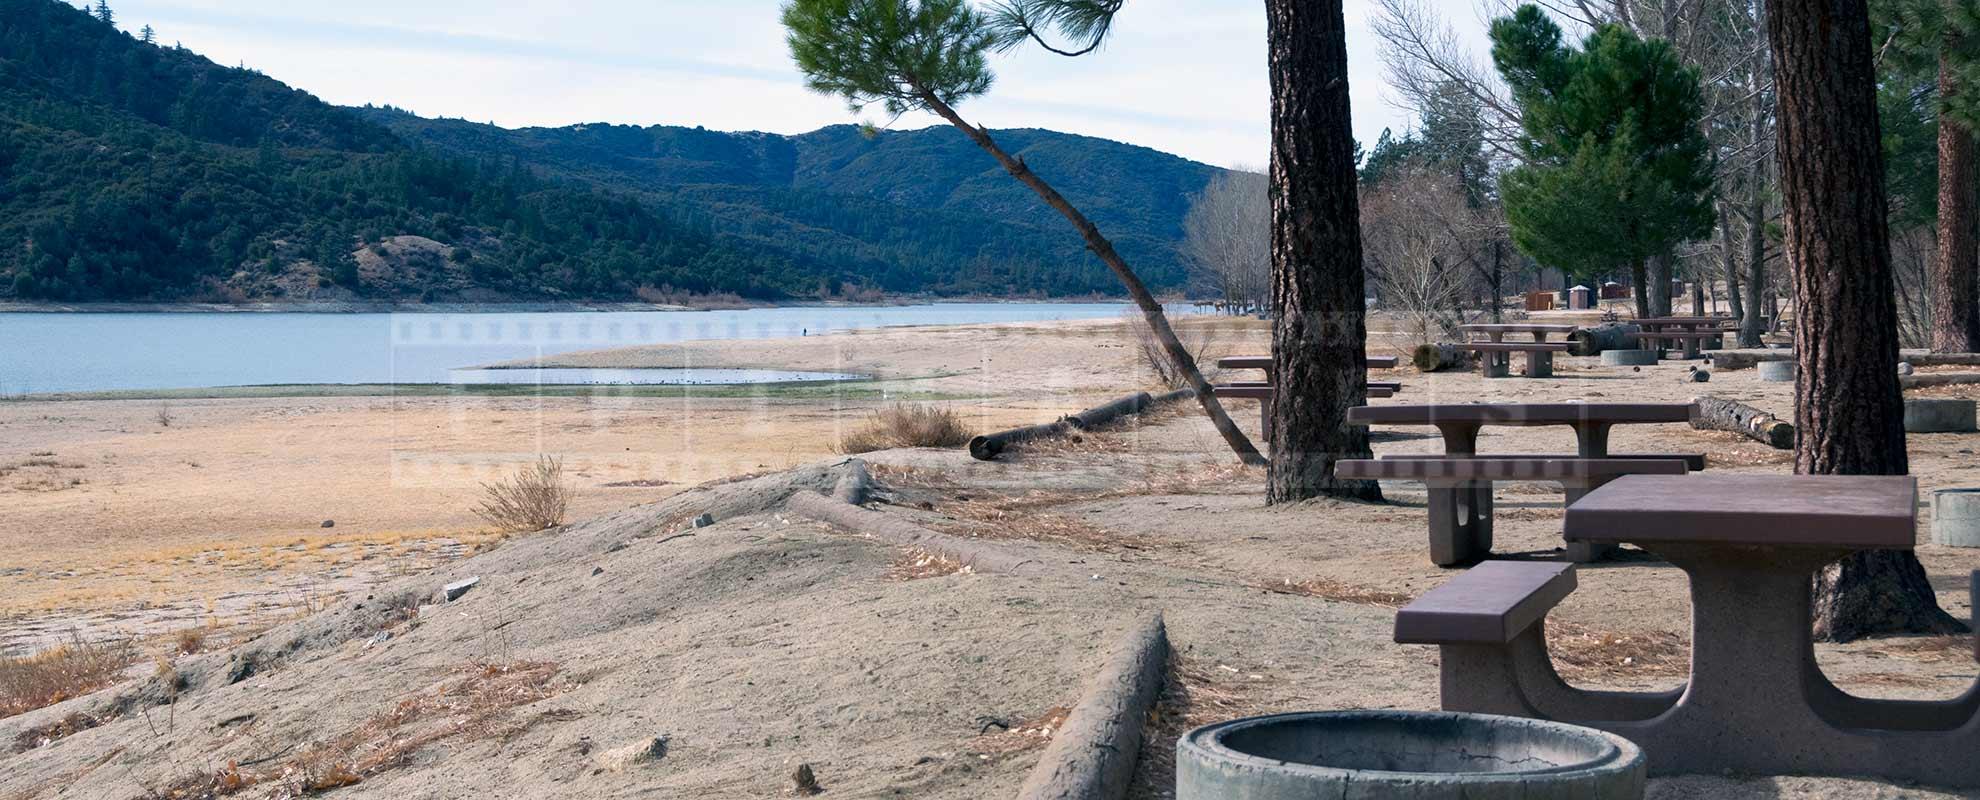 Lake Hemet camping picnic area